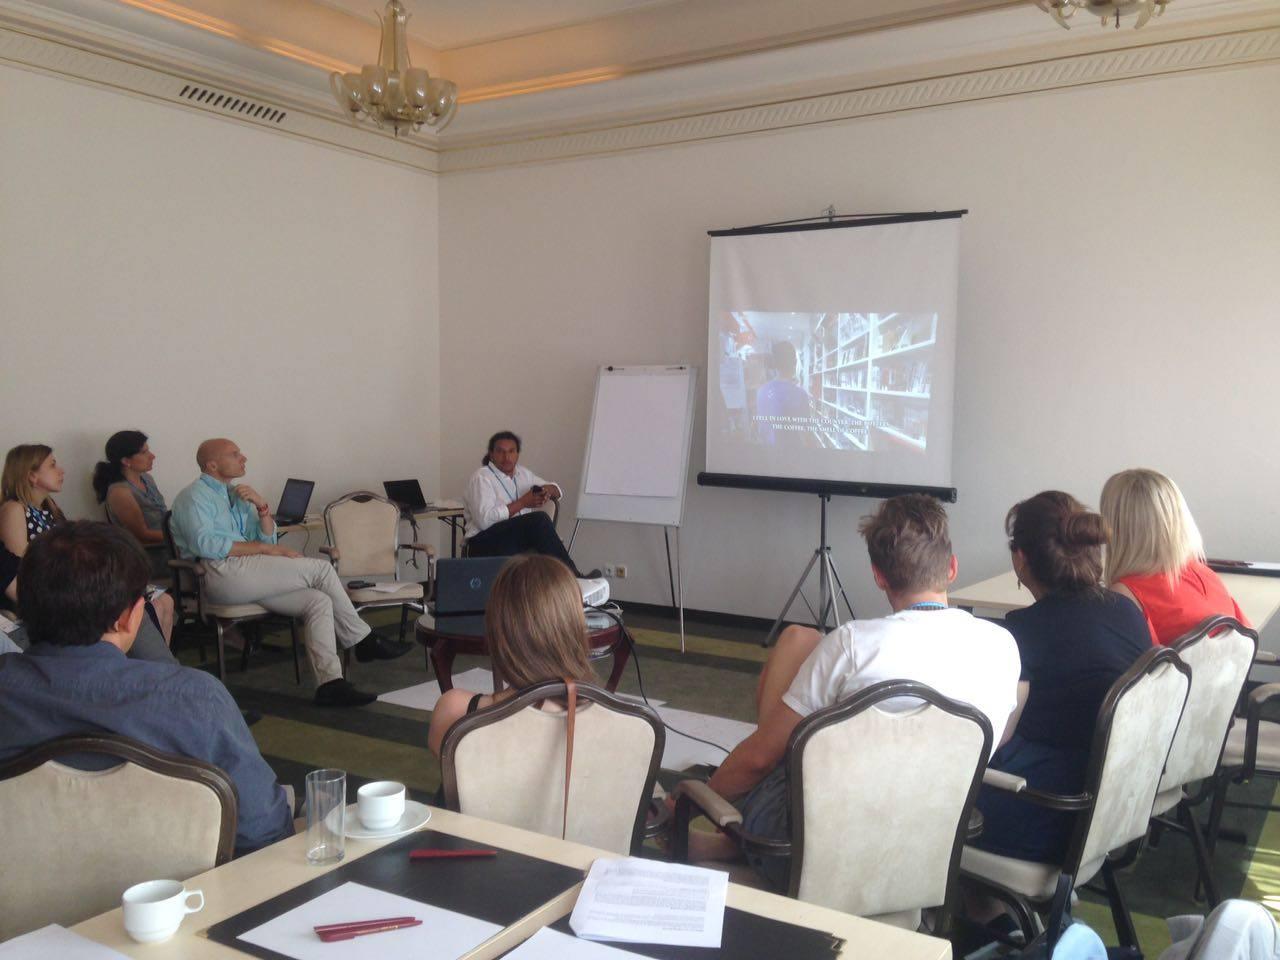 Giovanisì a Praga: l'esperienza del progetto al seminario del Consiglio d'Europa